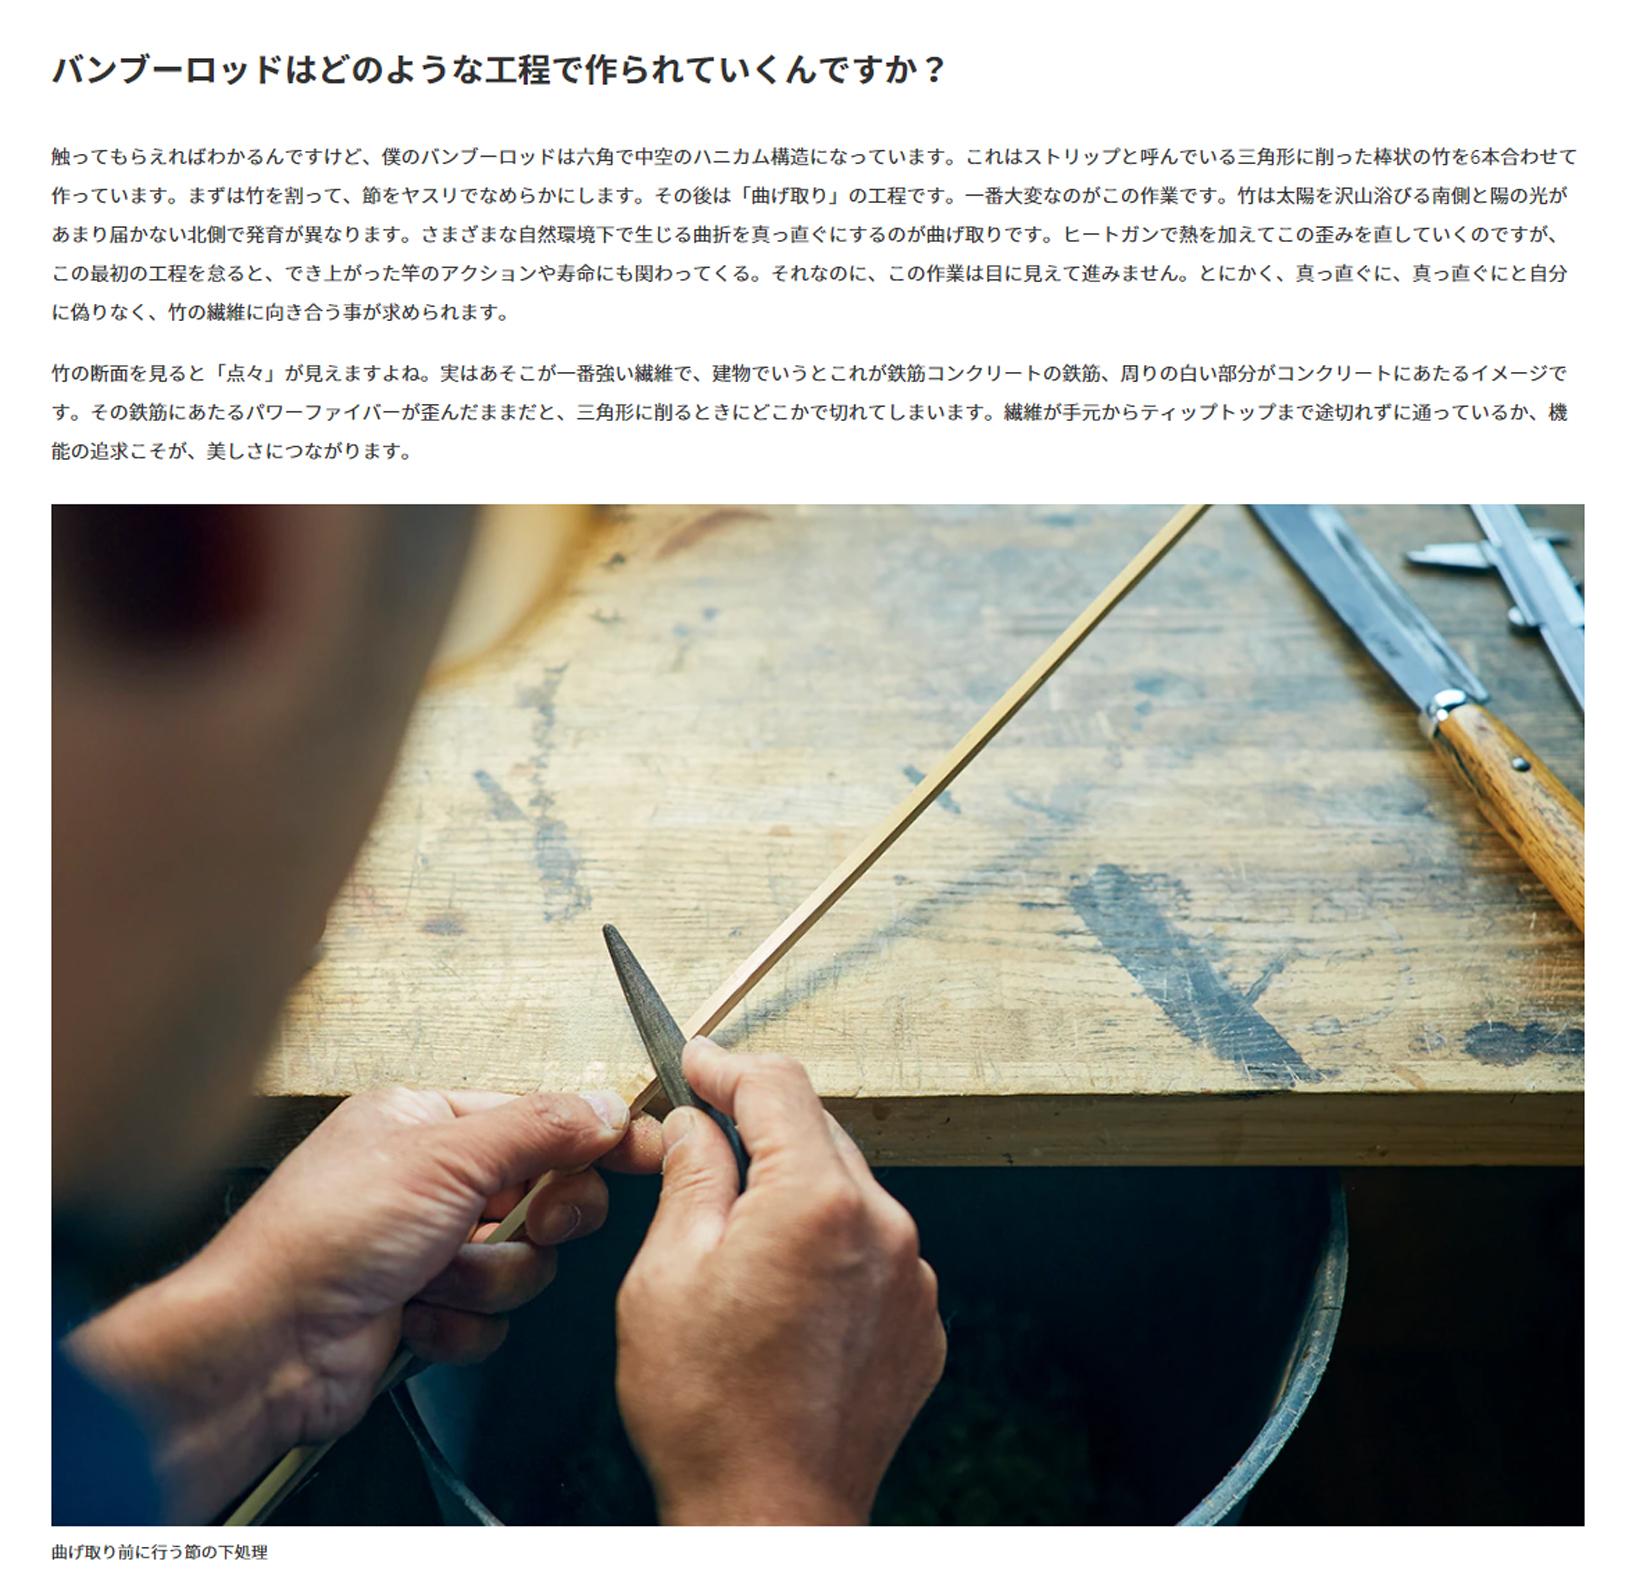 【技に触れる旅】至高のバンブーロッドを求めてトラウト王国・北海道へ行く20